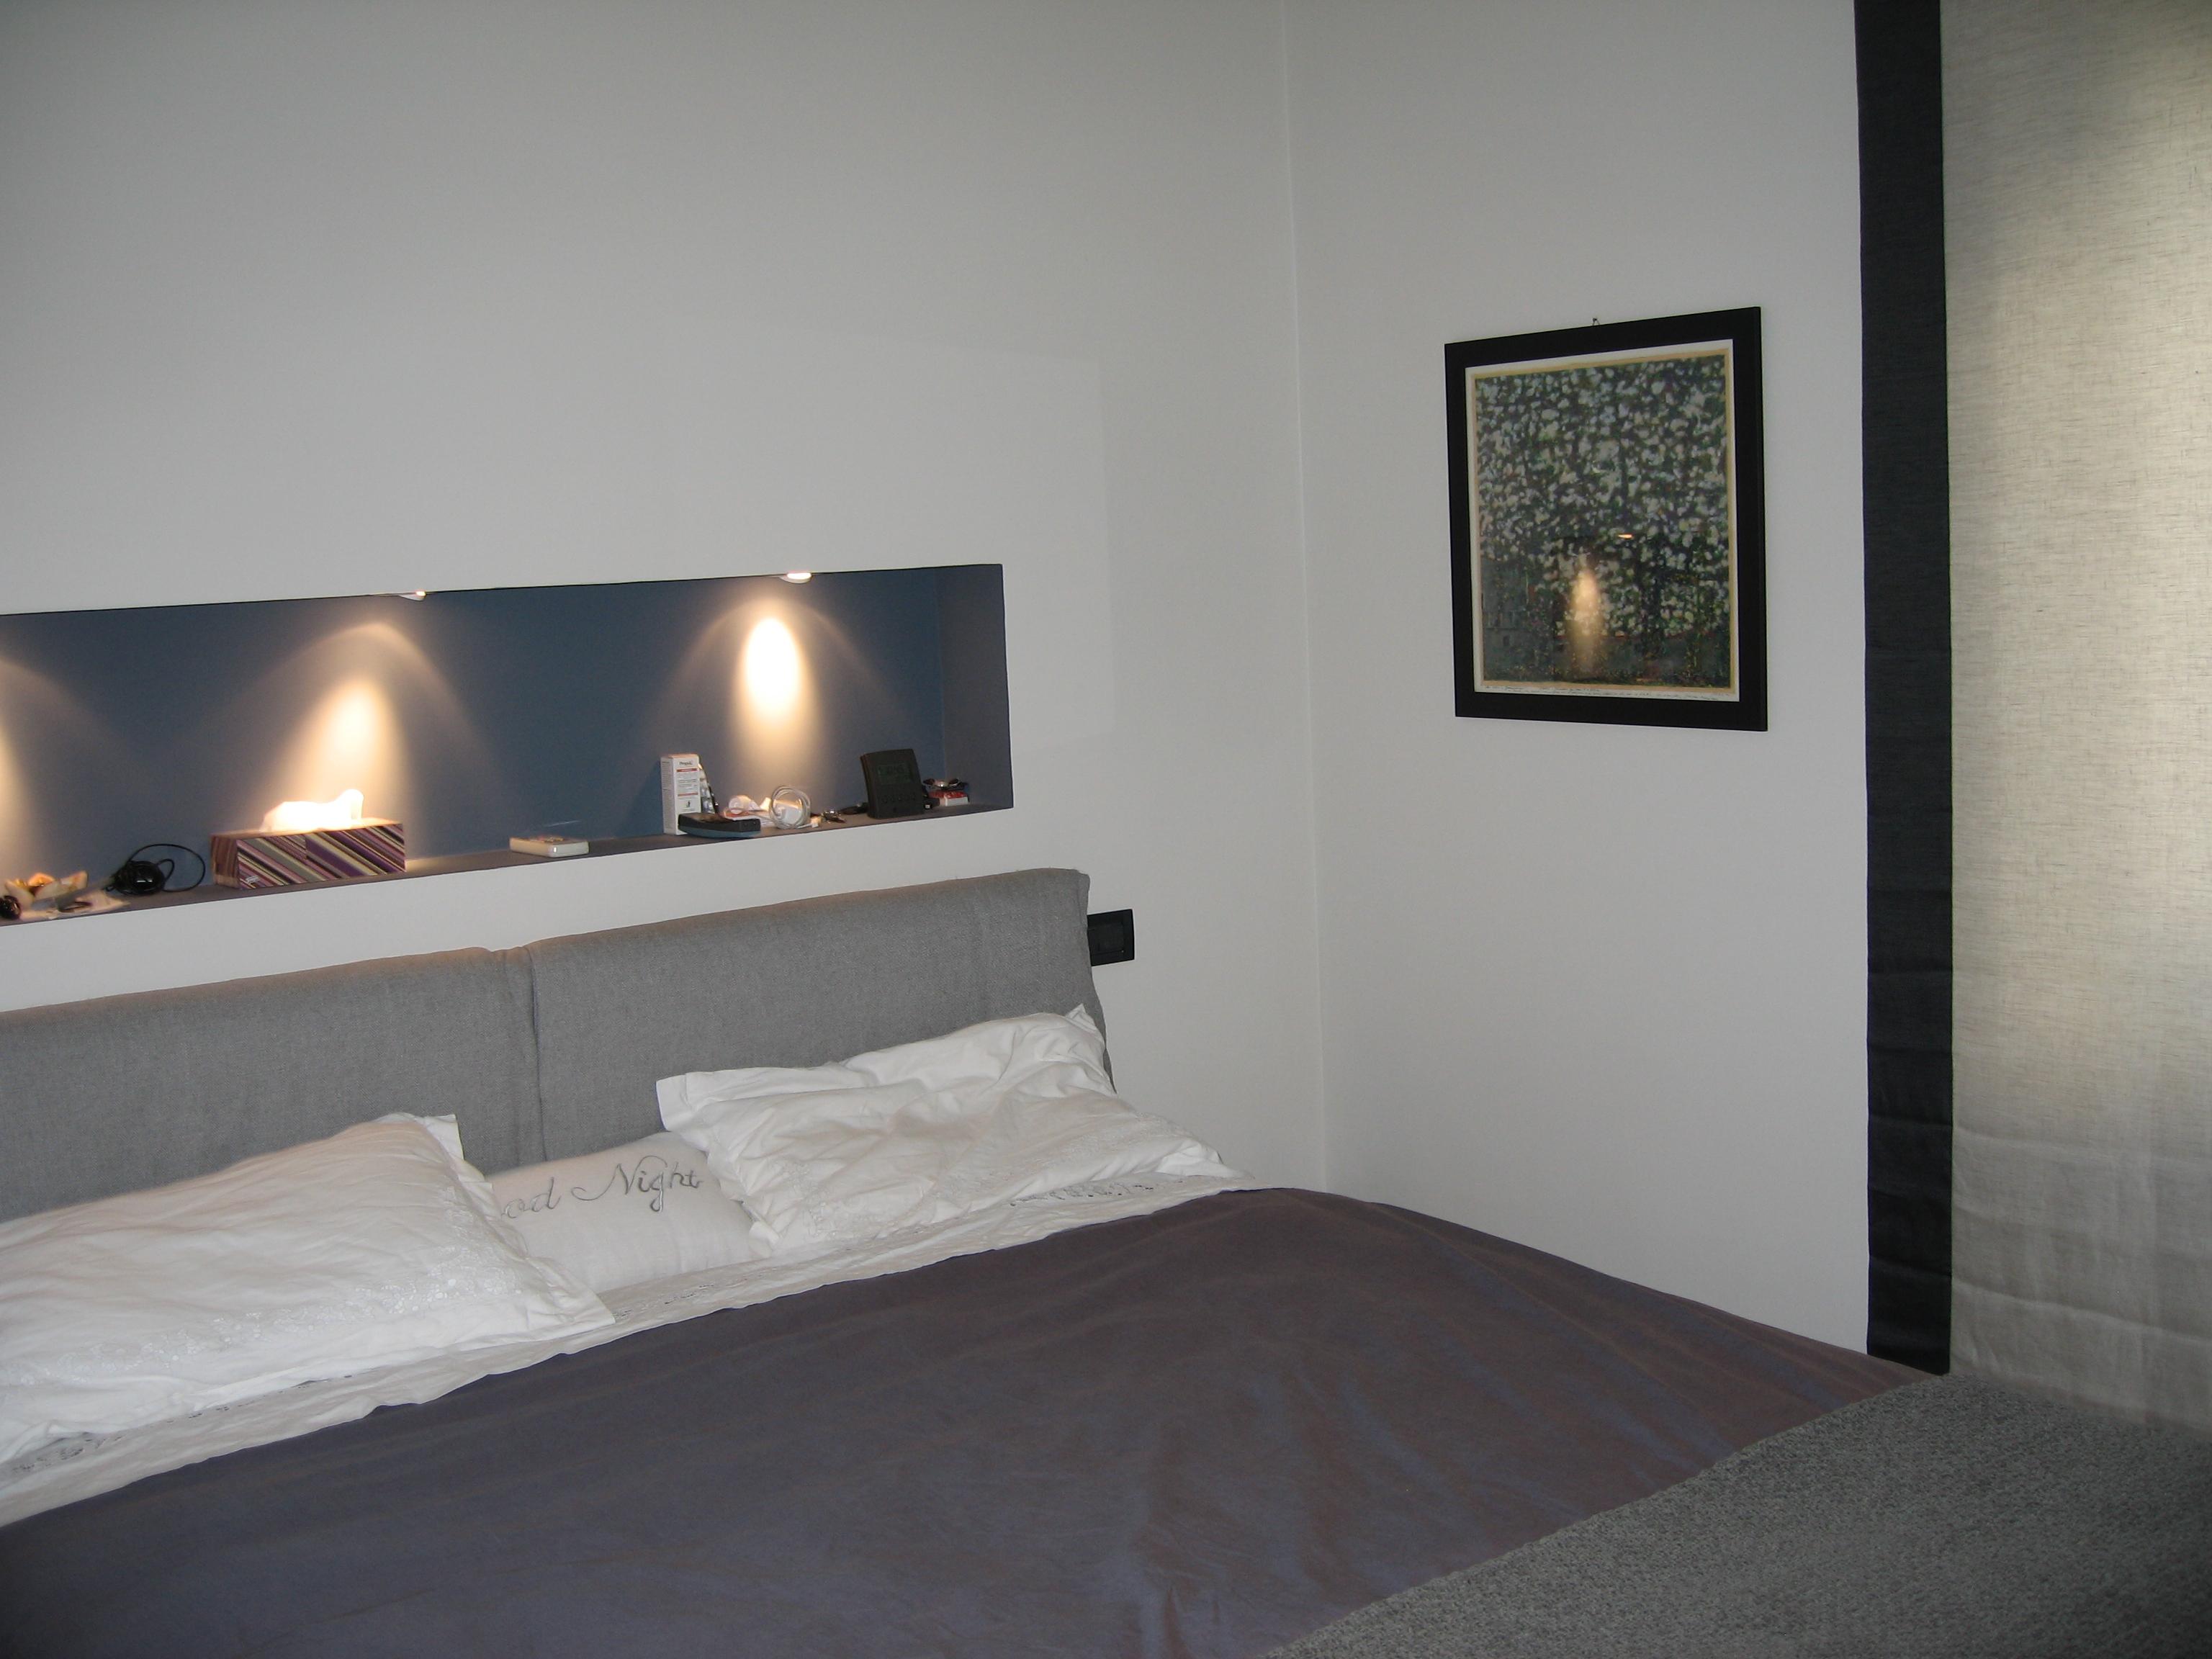 Idee soffitto nero - Pittura camere da letto ...